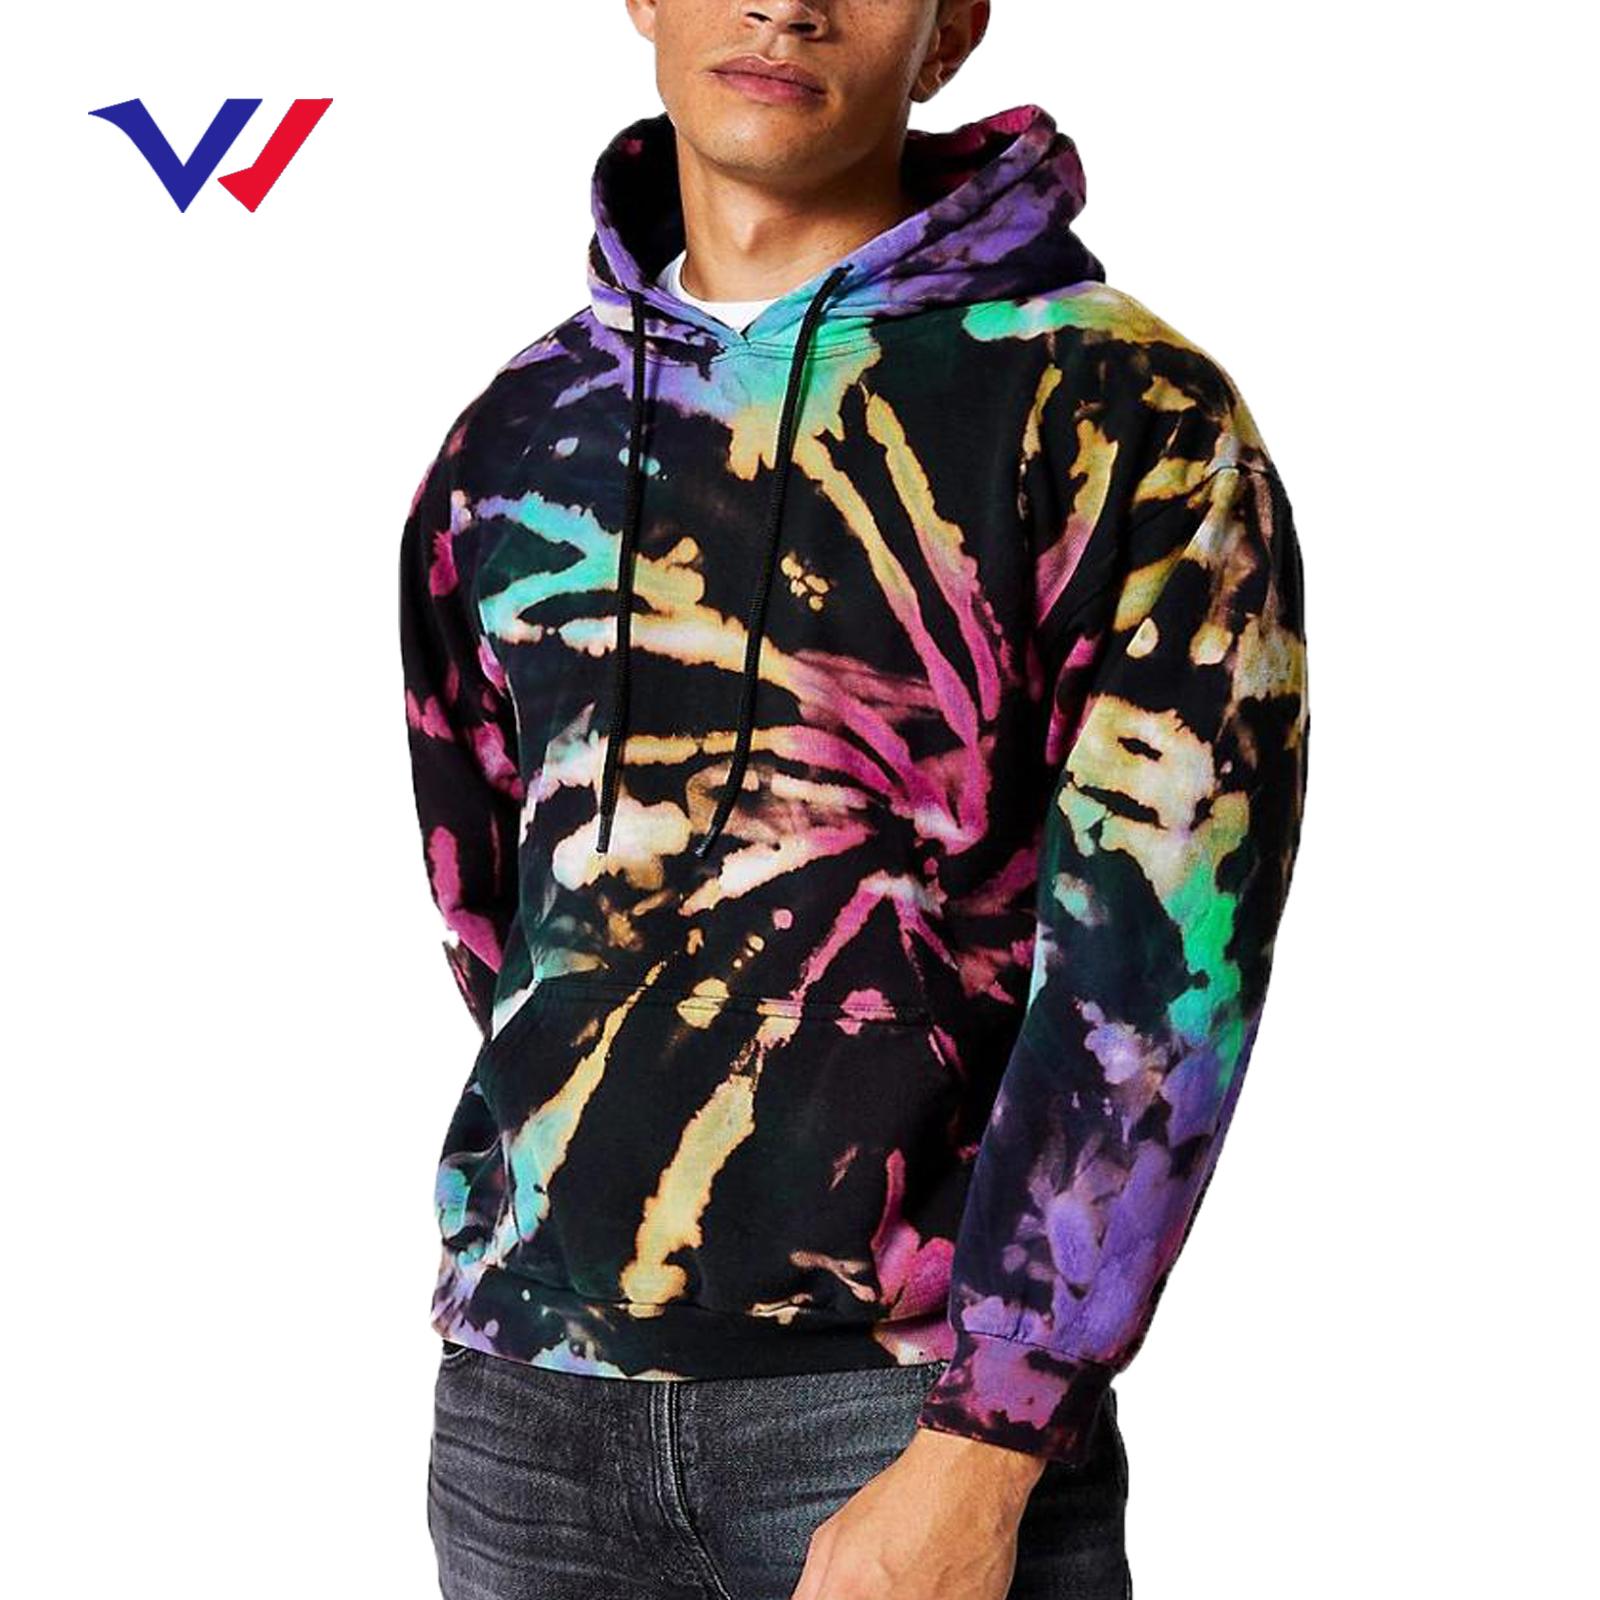 Männer beiläufige hoodies hersteller hohe qualität streetwear dicke übergroßen polyester pullover tie dye hoodie